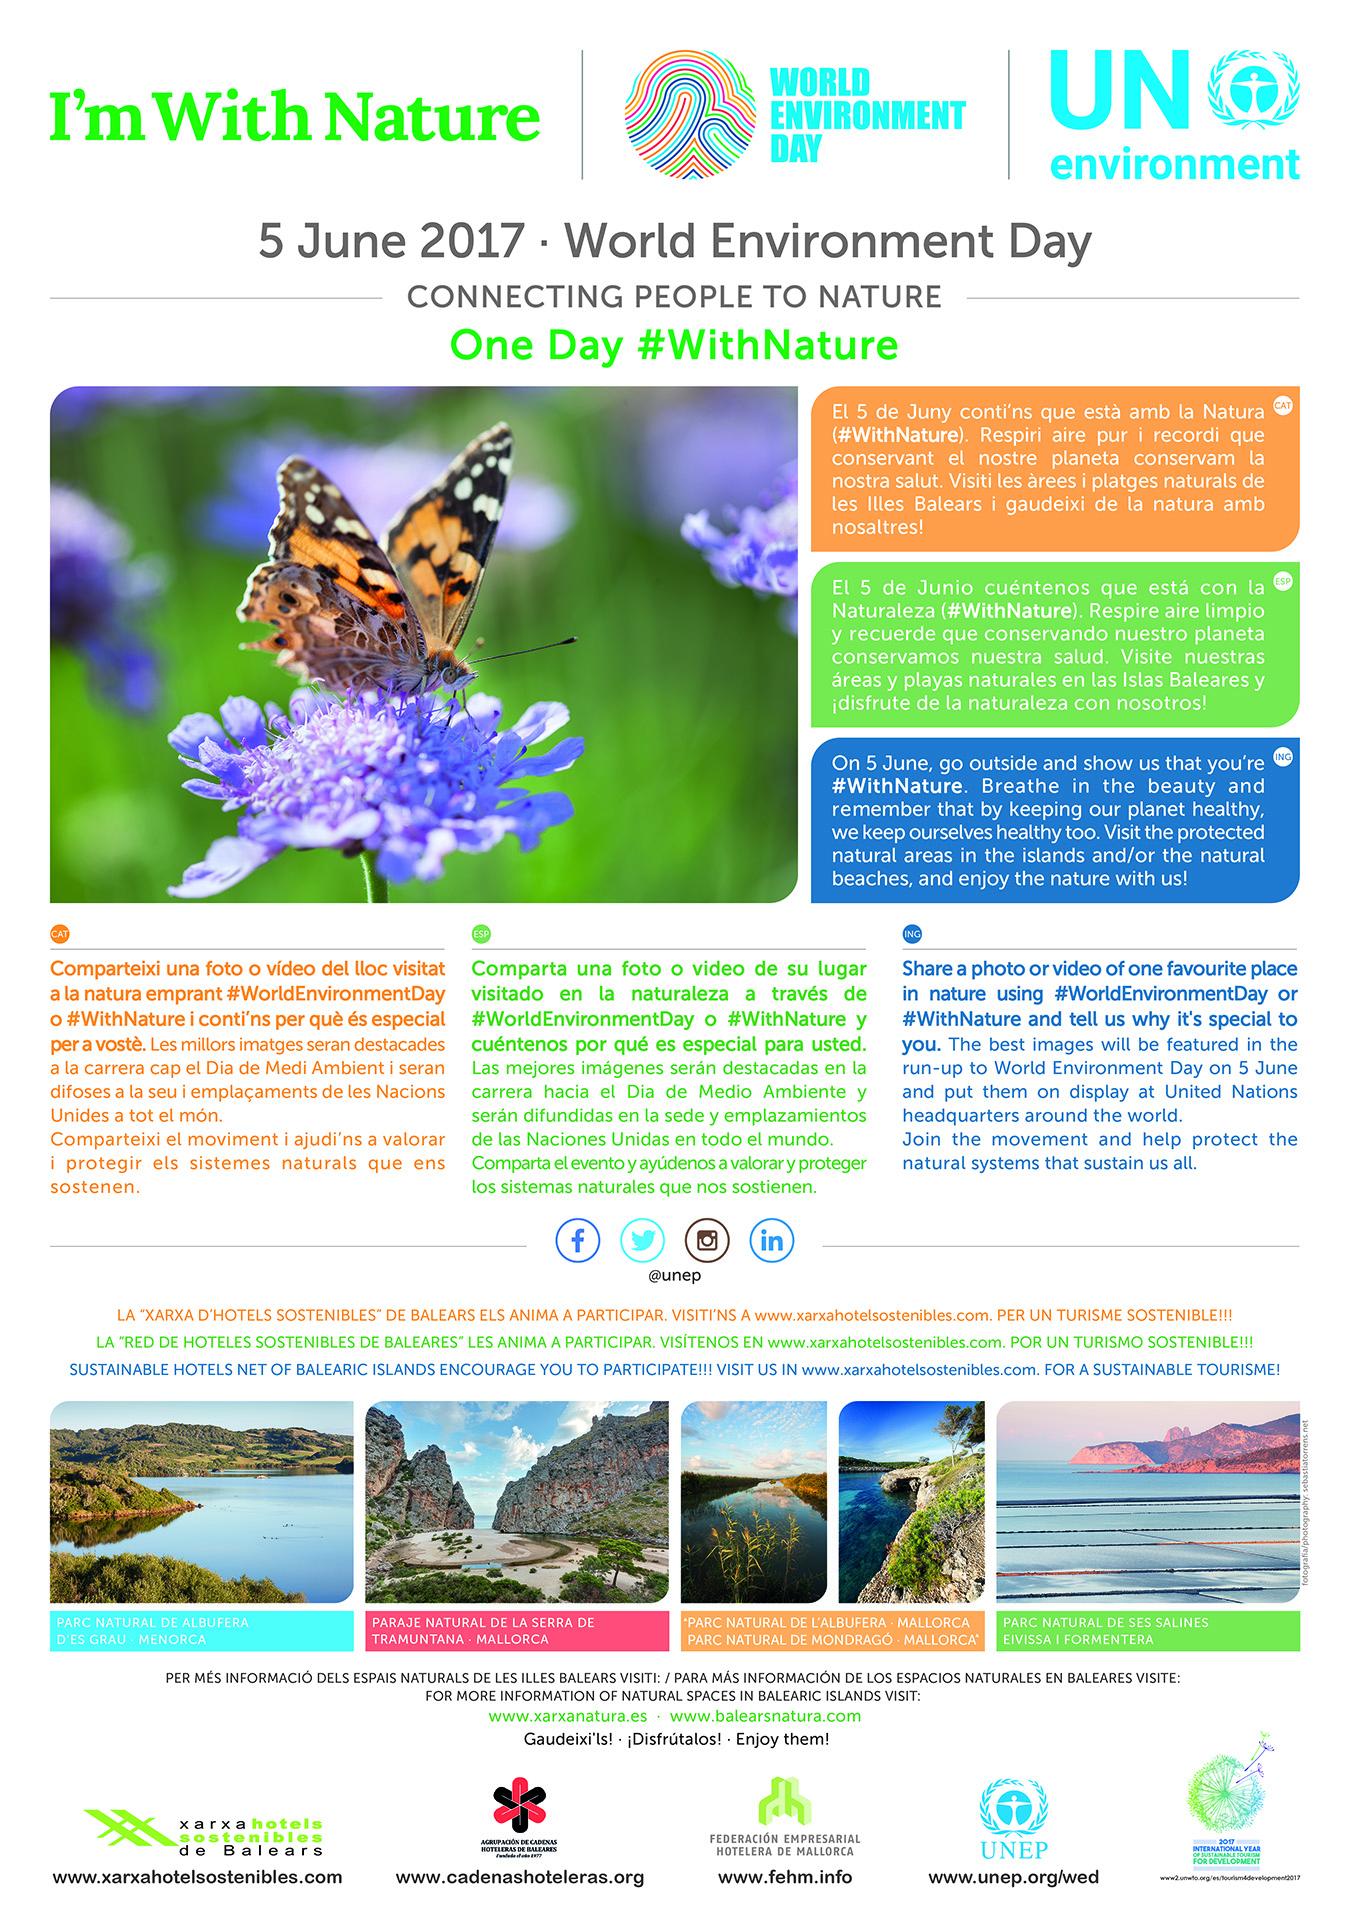 5 de Junio día mundial del Medio Ambiente ESTOY CON LA NATURALEZA